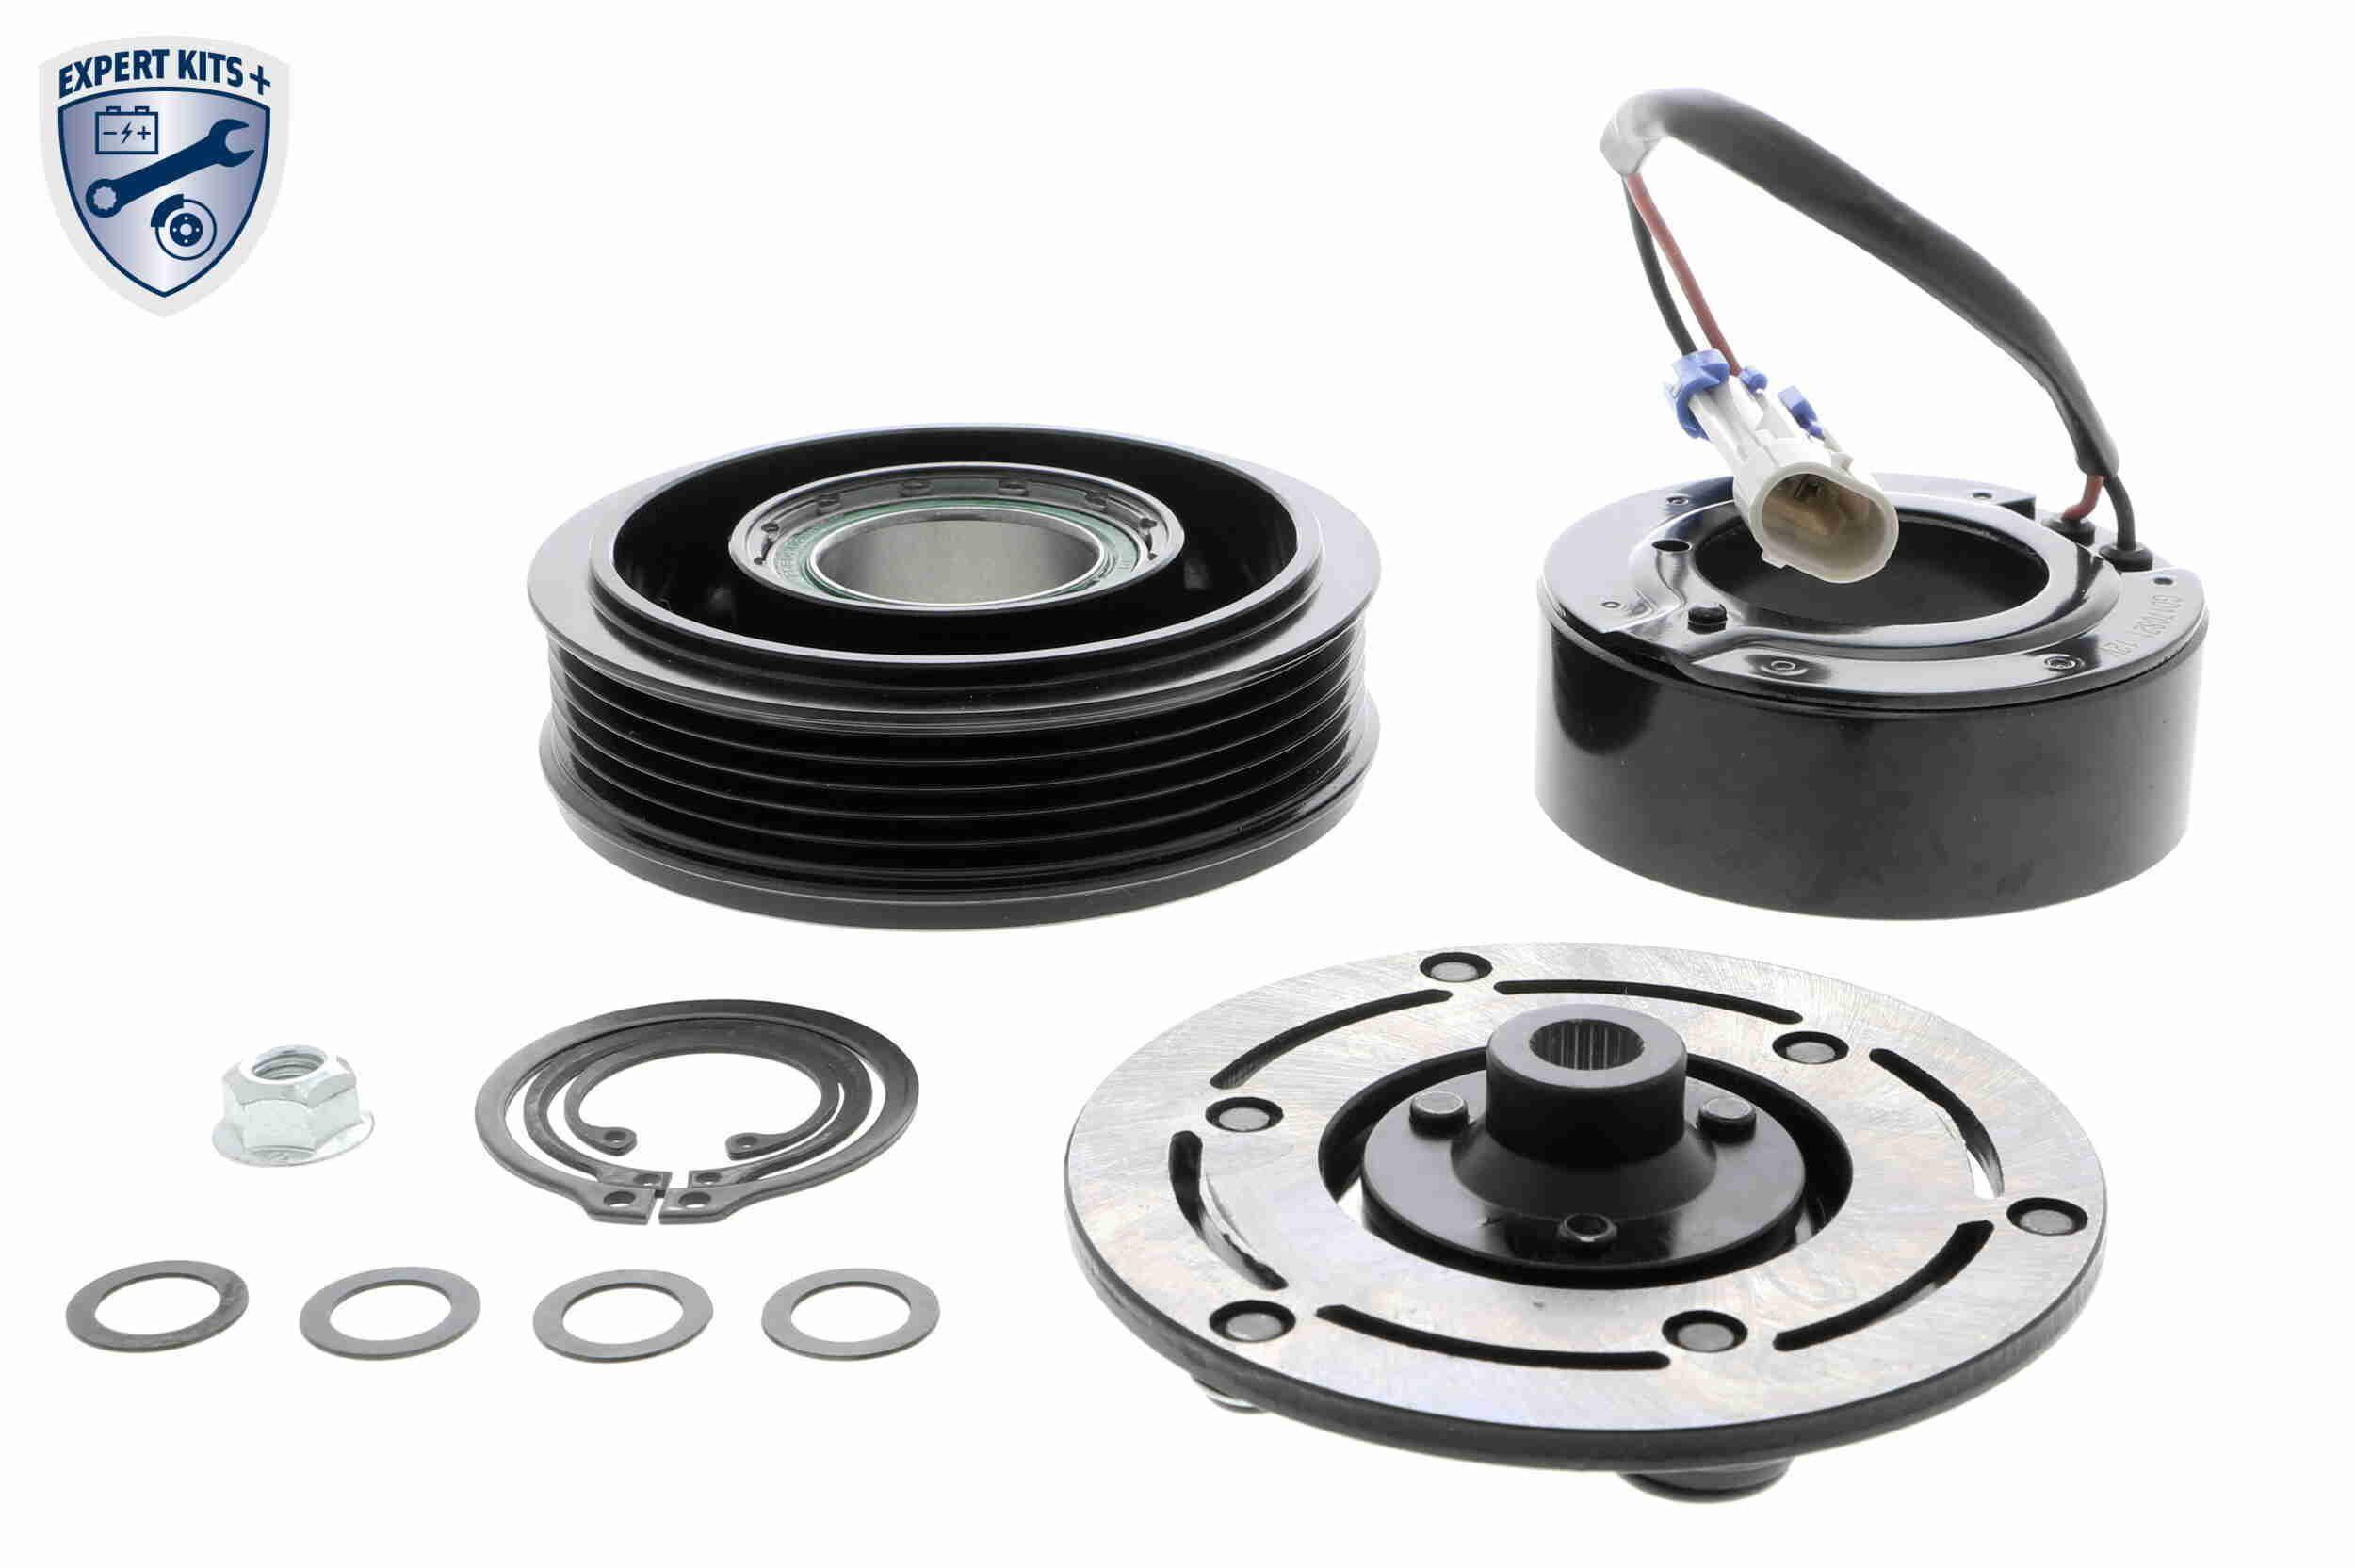 6854049 VEMO EXPERT KITS + Magnetkupplung, Klimakompressor V40-77-1002 günstig kaufen